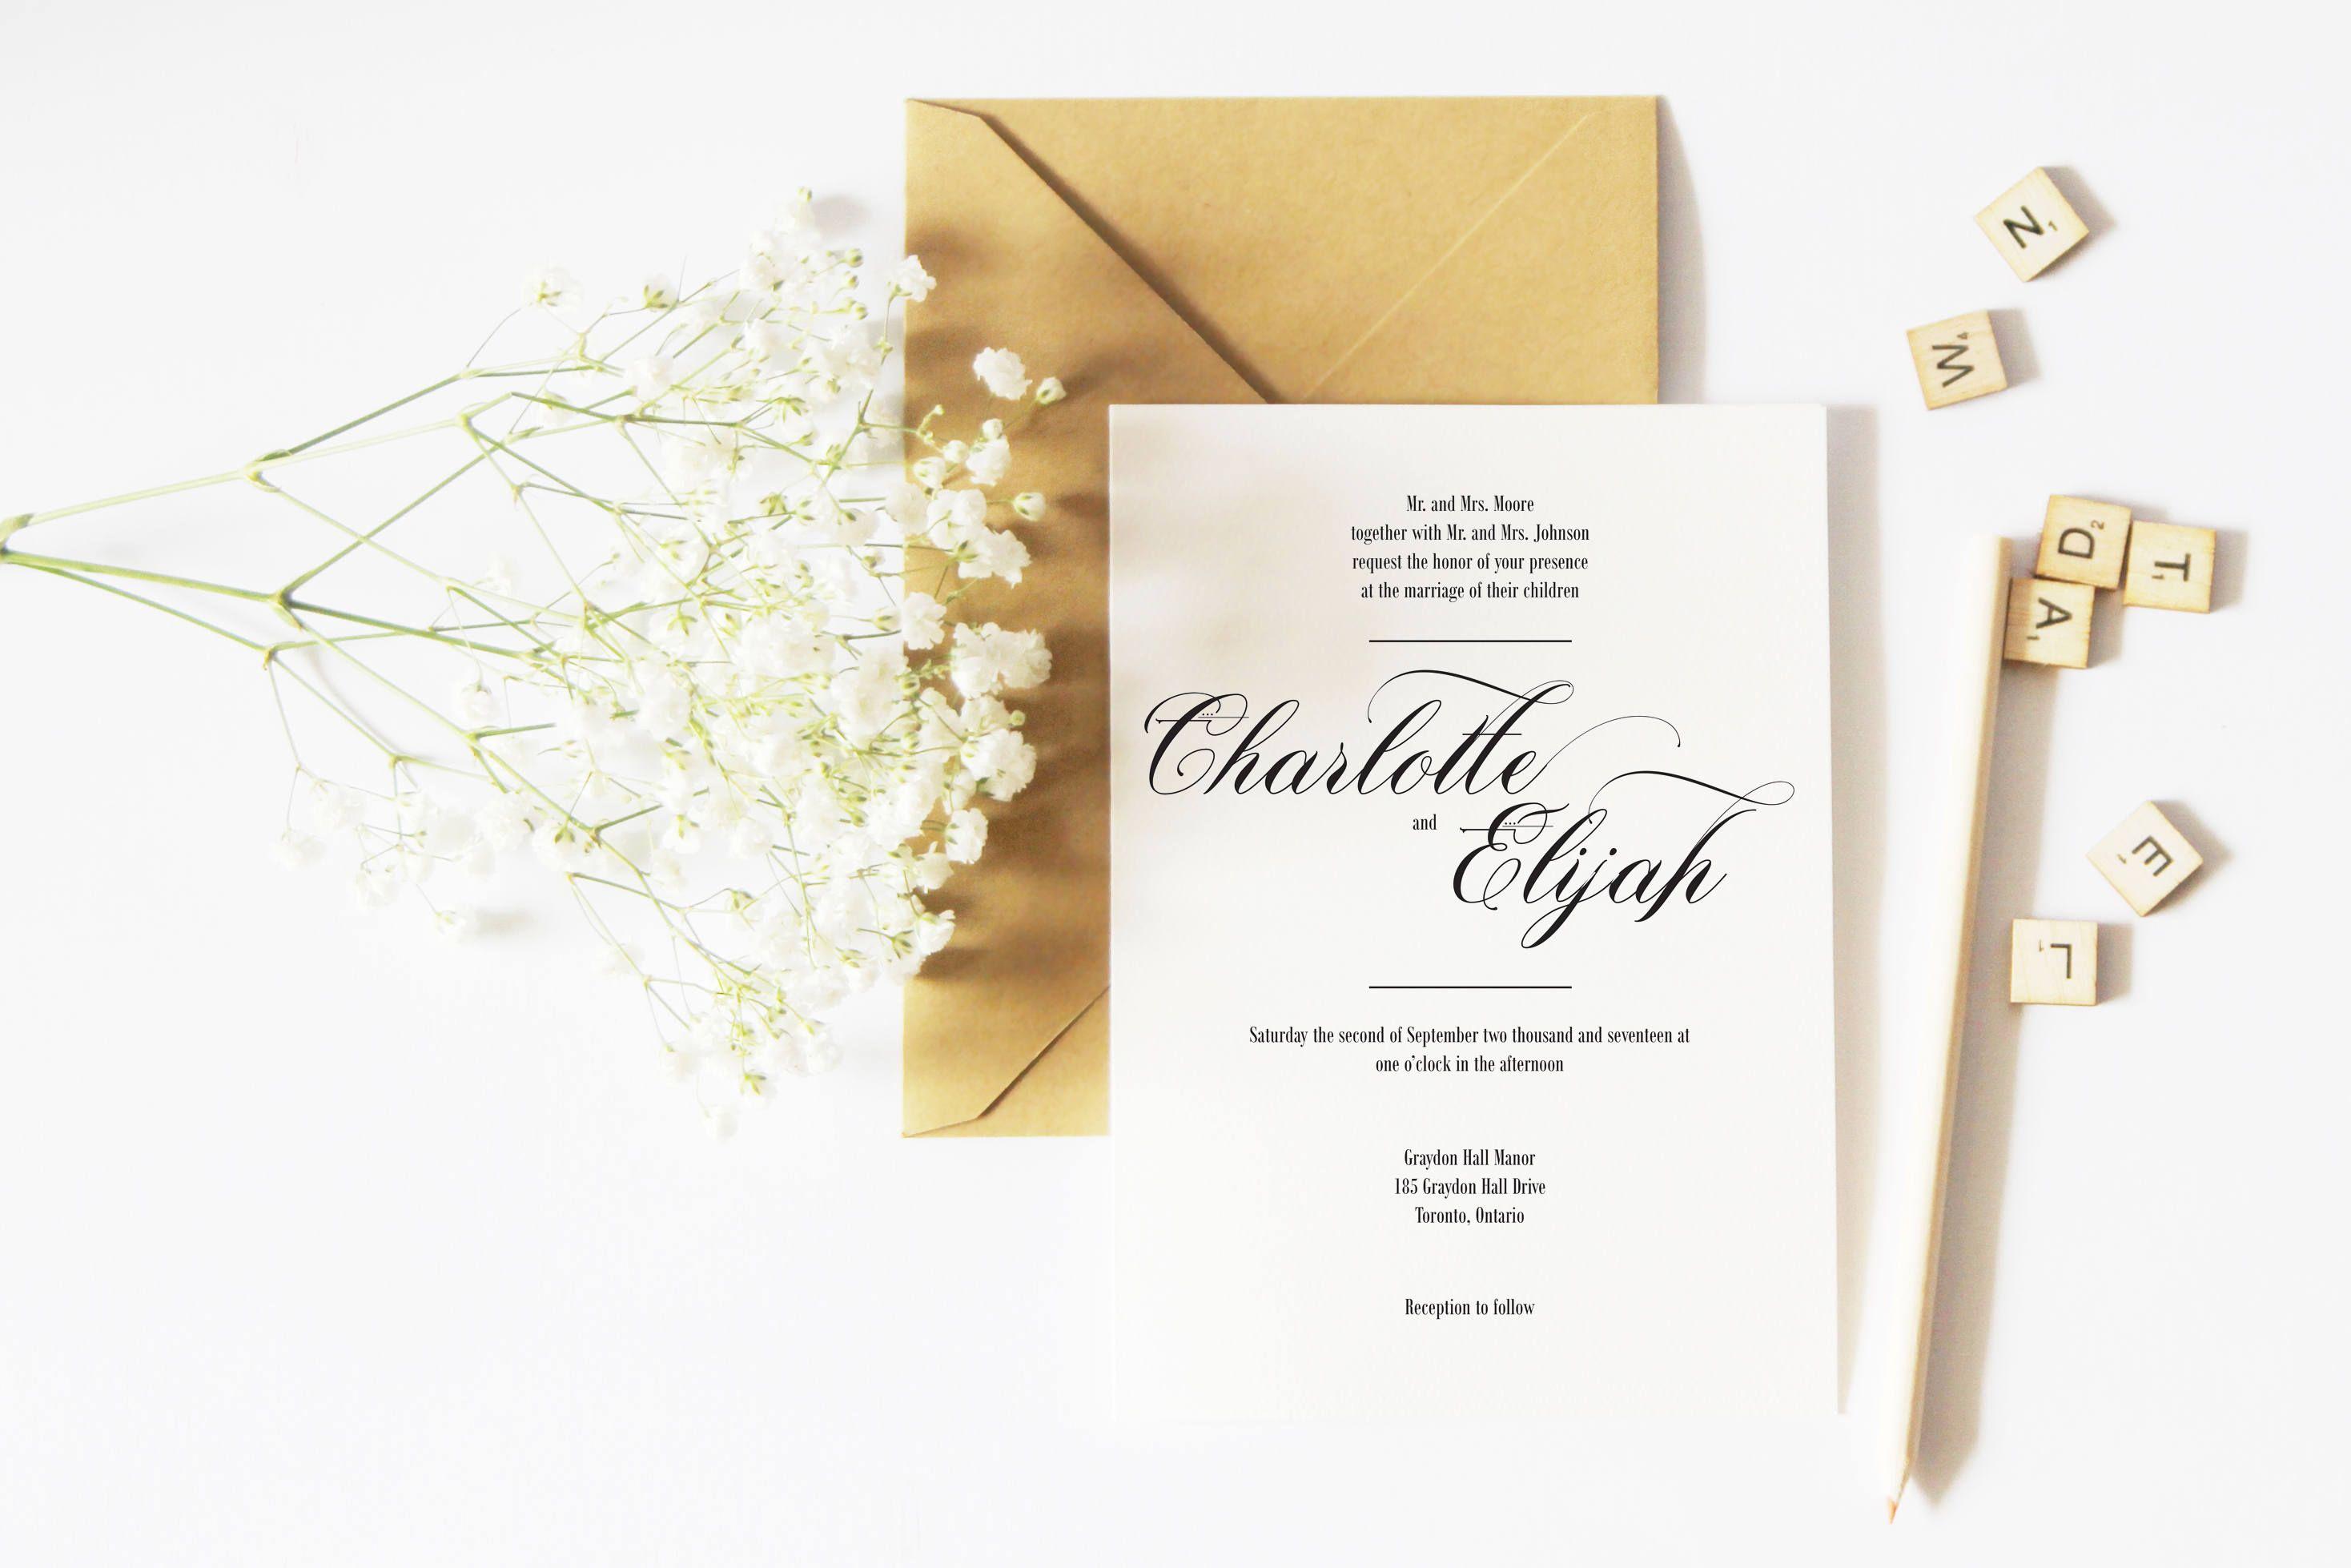 Simple Wedding Invitations - Simple Wedding Invitation Template ...